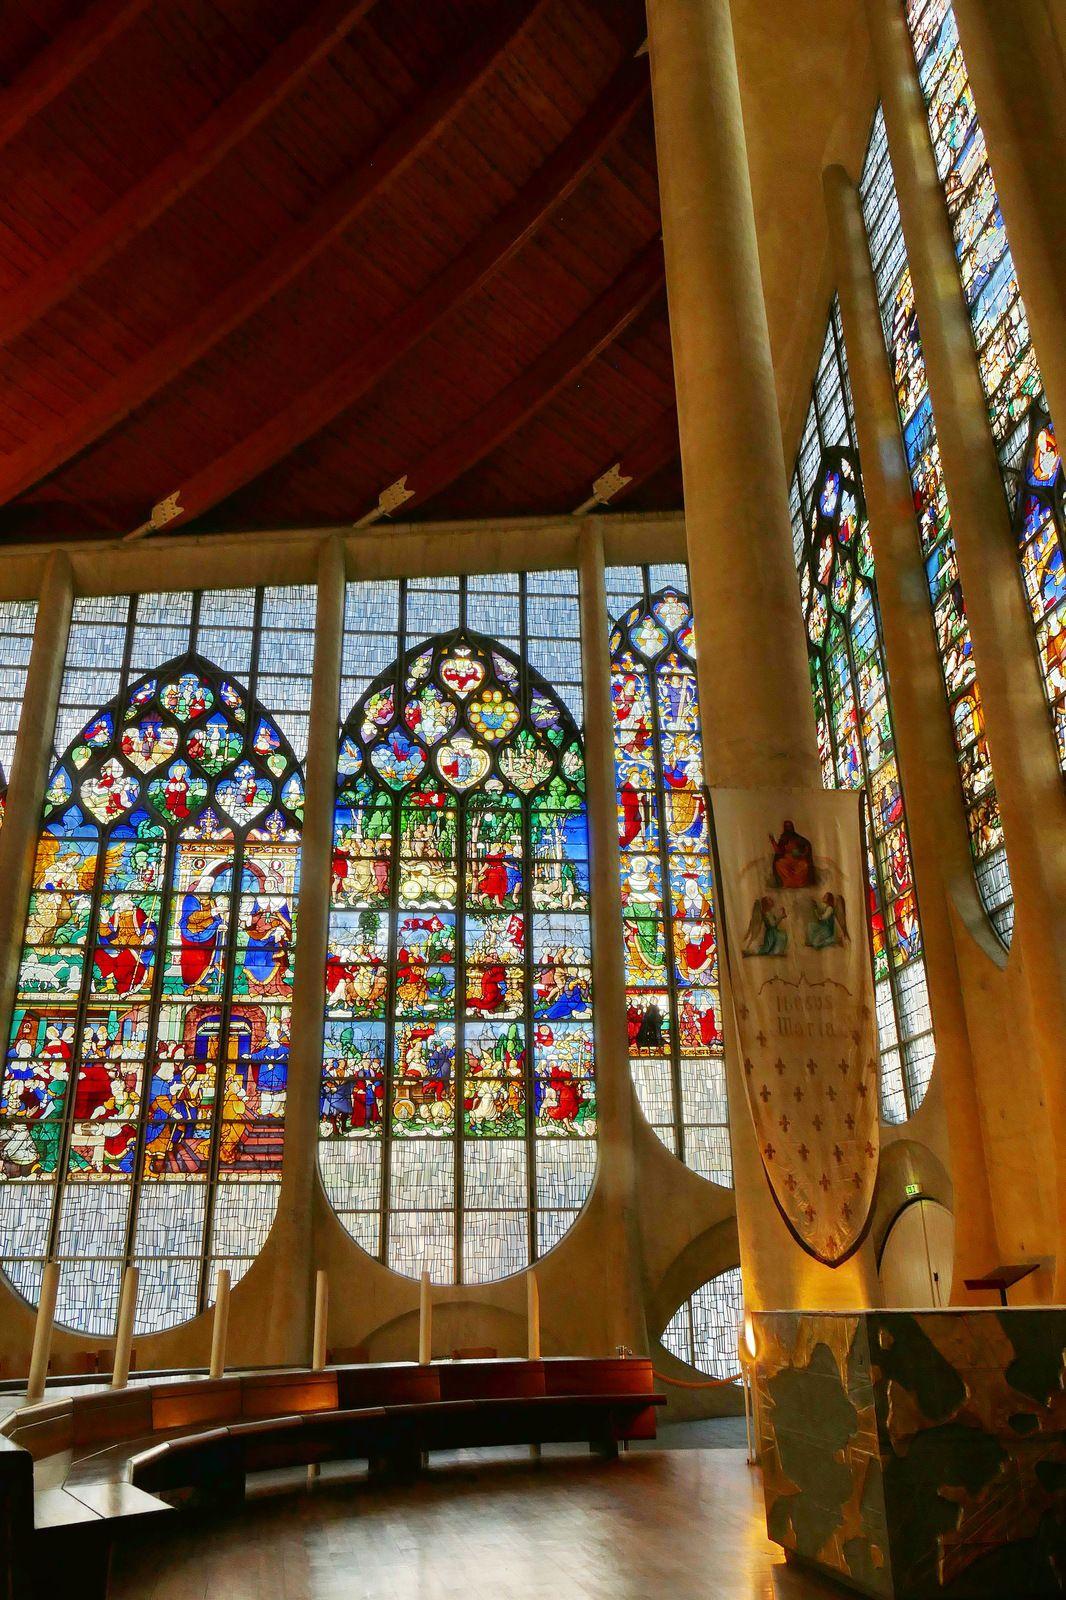 Vitraux de l'église Sainte-Jeanne d'Arc de Rouen, photographie lavieb-aile 2020.